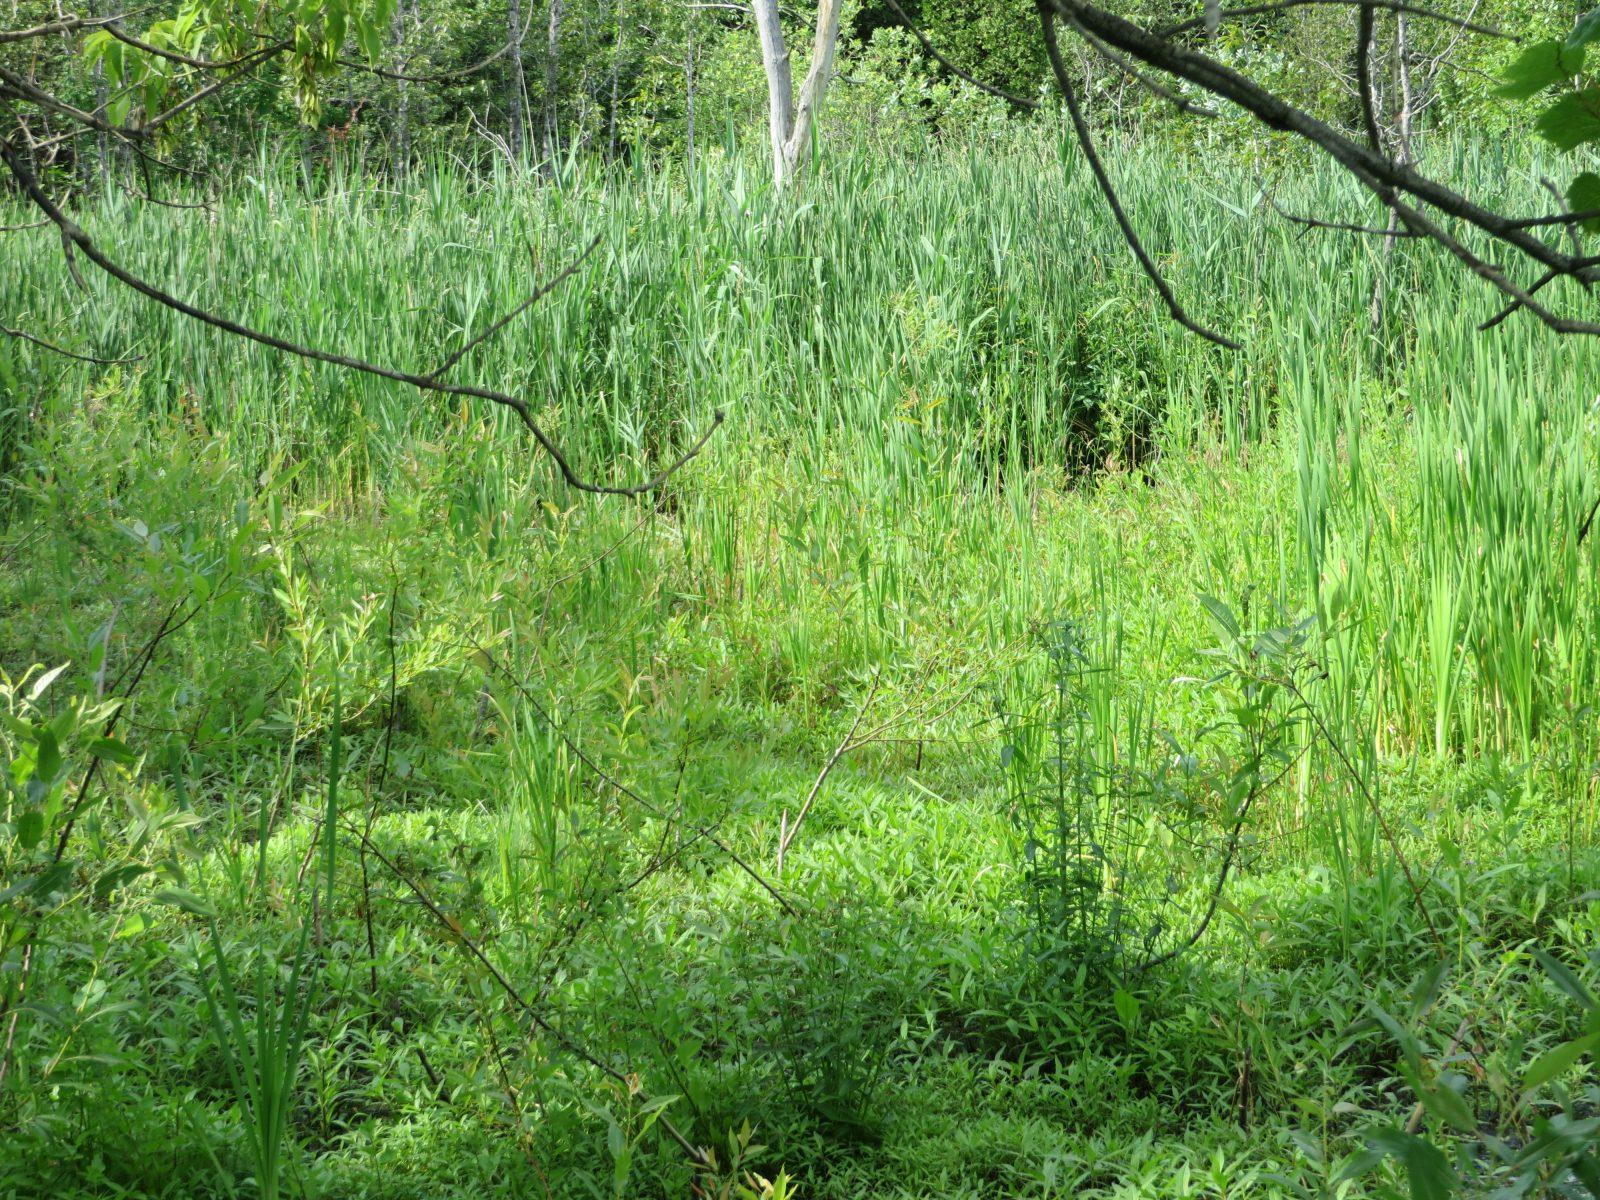 Programme de contrôle du roseau commun exotique à la Réserve naturelle du Marais-Léon-Provancher.